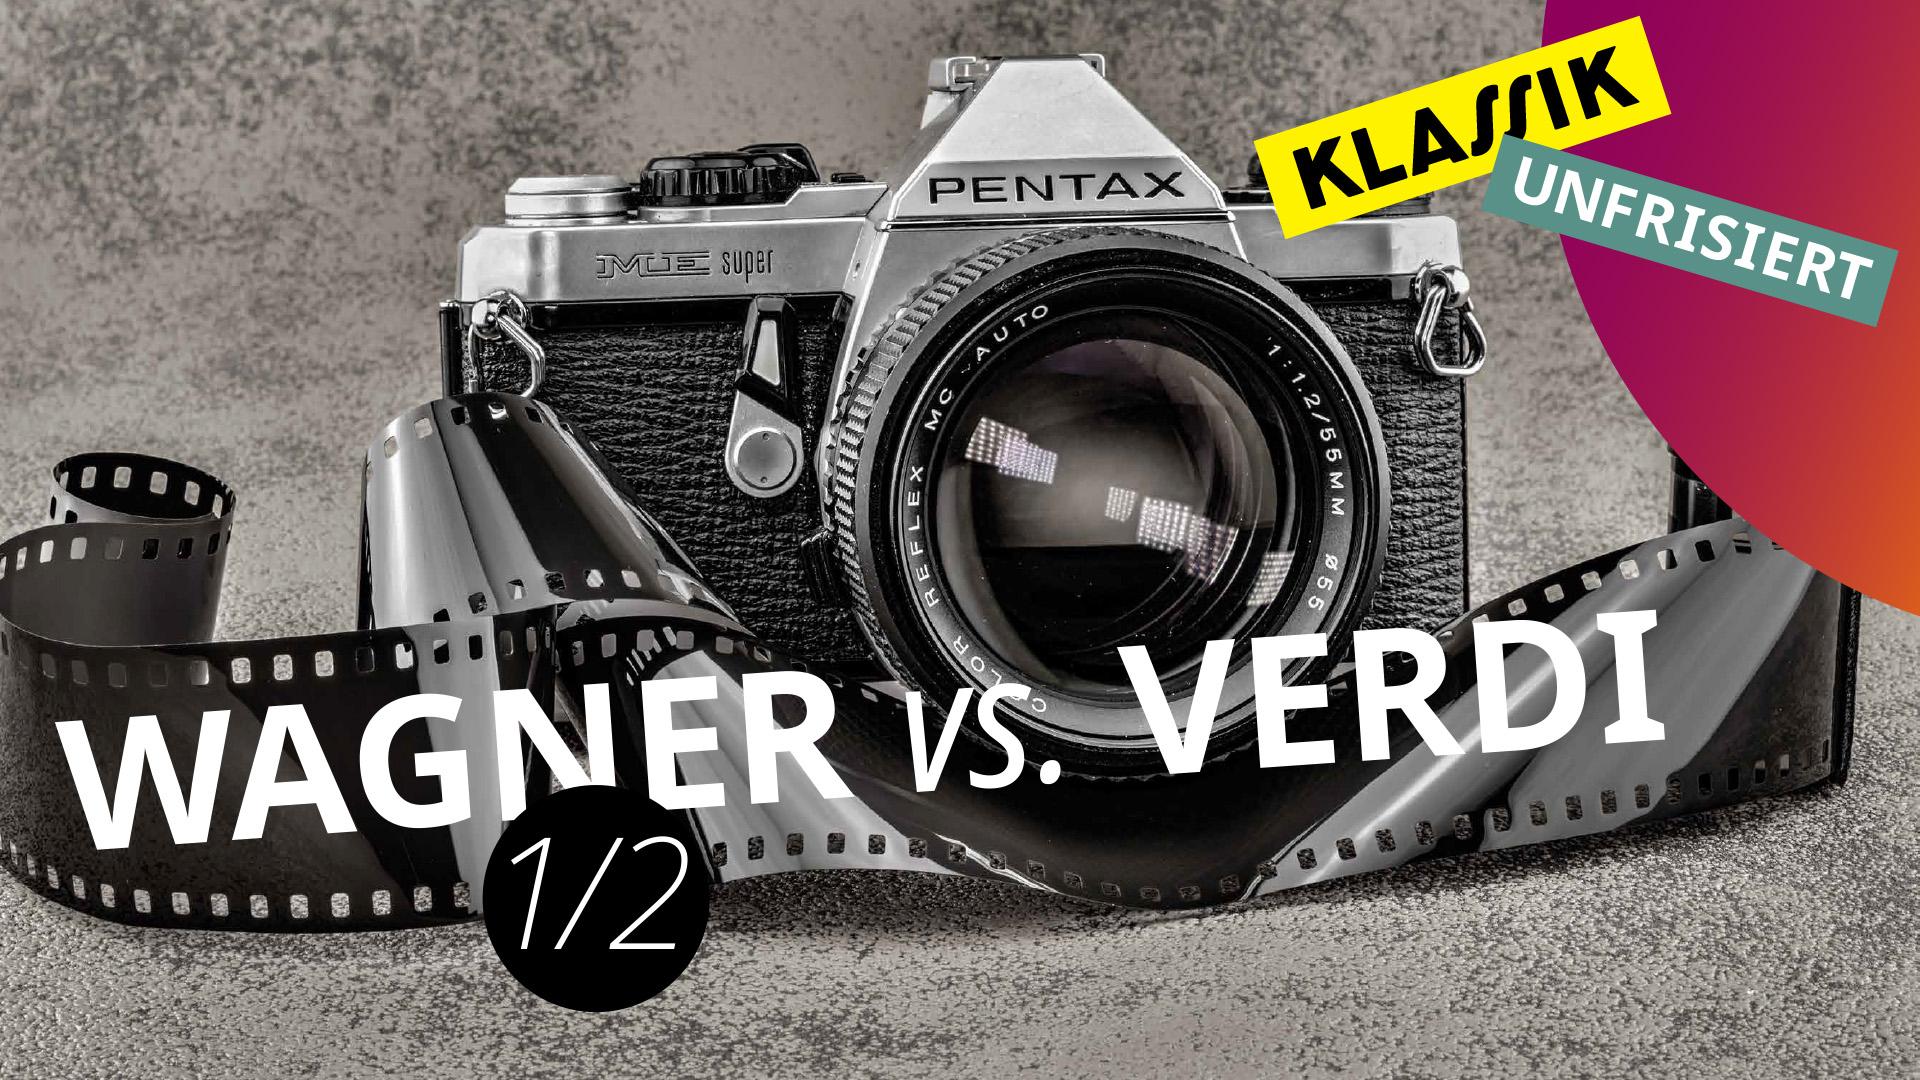 Der Vergleich: »Wagner vs. Verdi«